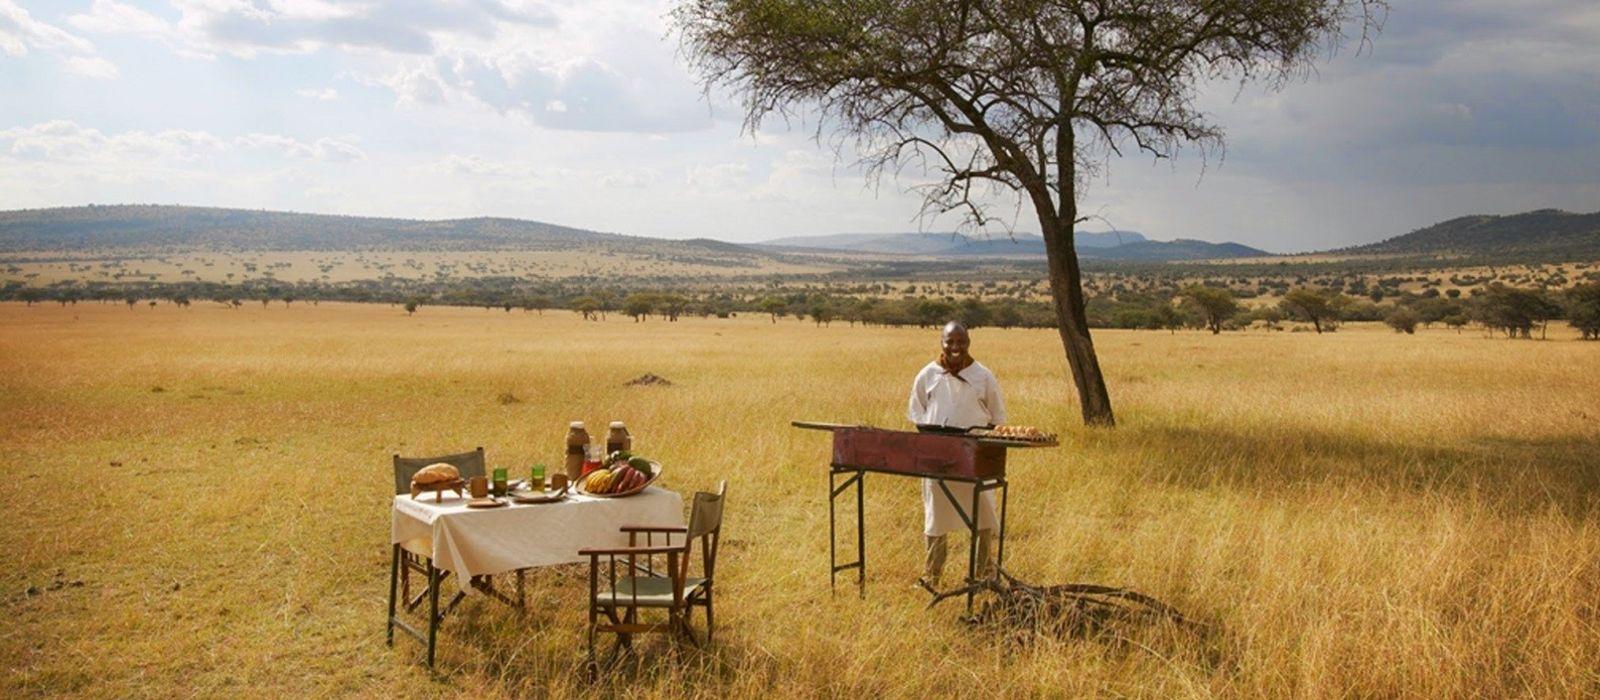 Luxus am See, Wildnis und wilde Tiere in Tansania Urlaub 2